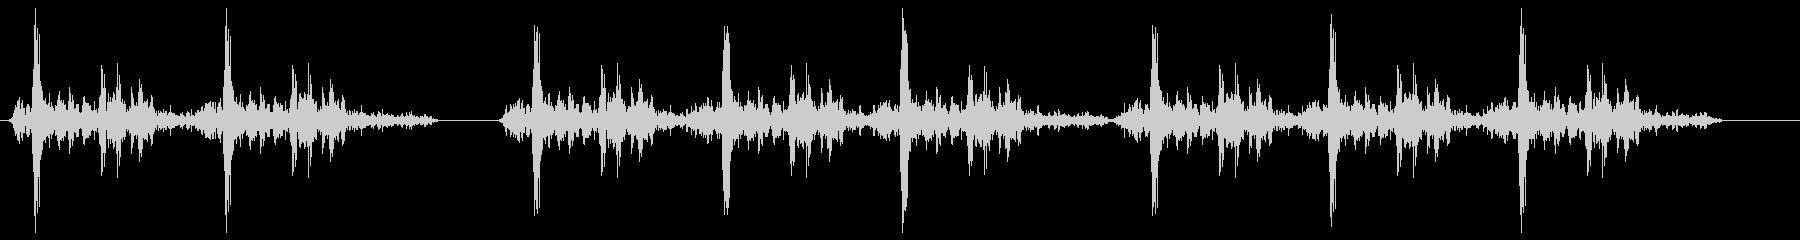 タタ、タタタ、(タイプライターの音)の未再生の波形